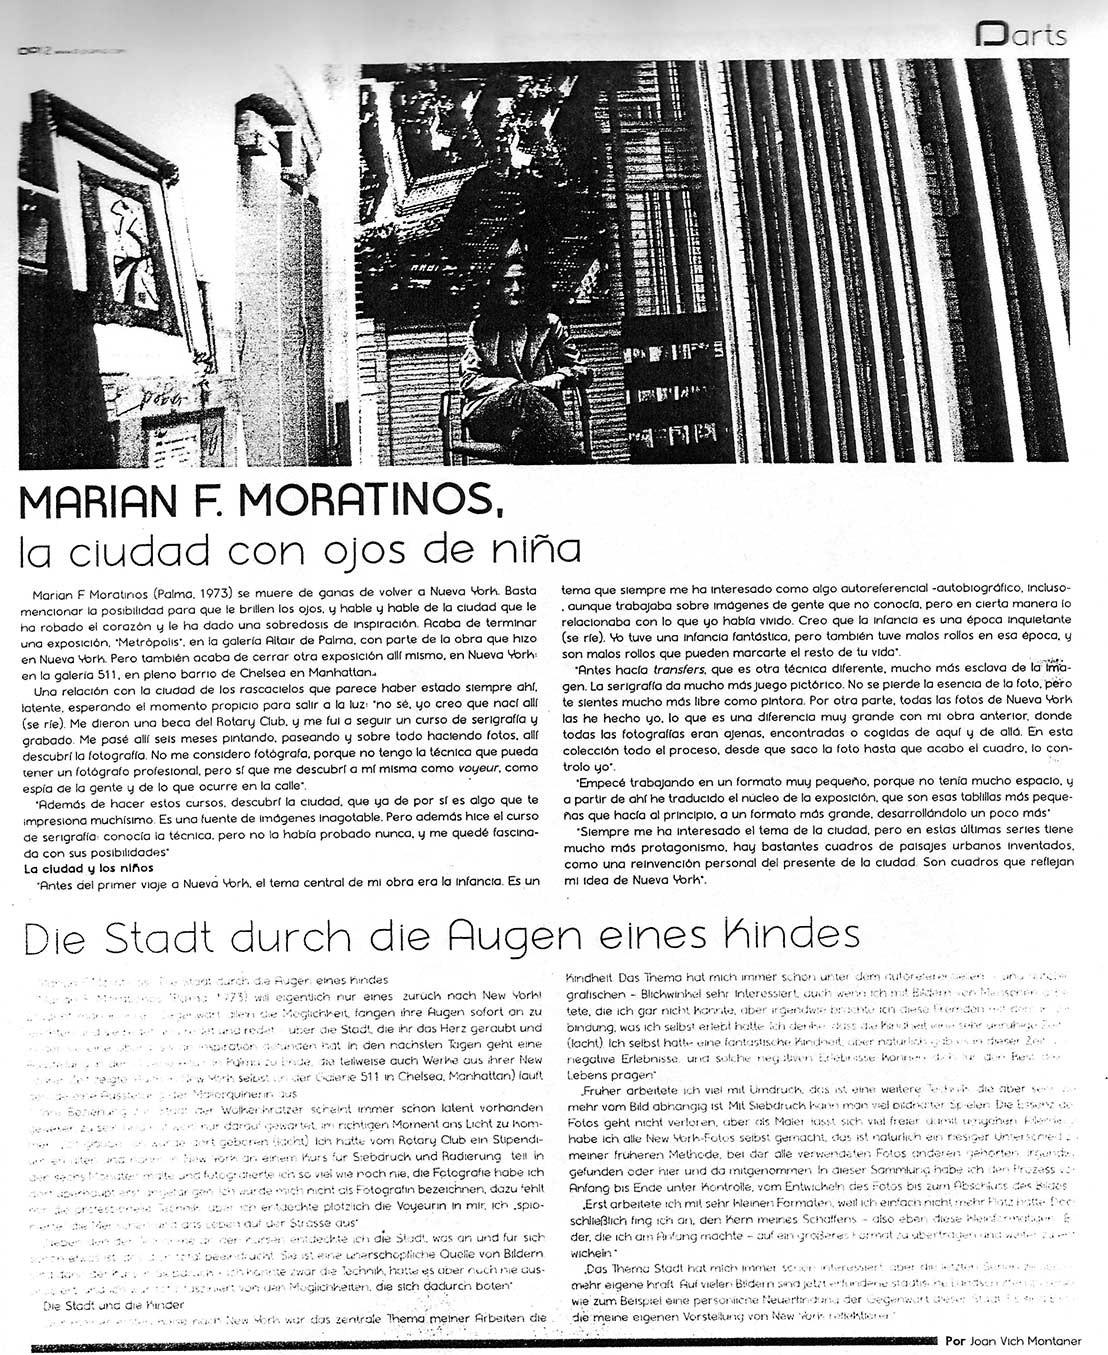 Marian F. Moratinos: La ciudad con ojos de niña